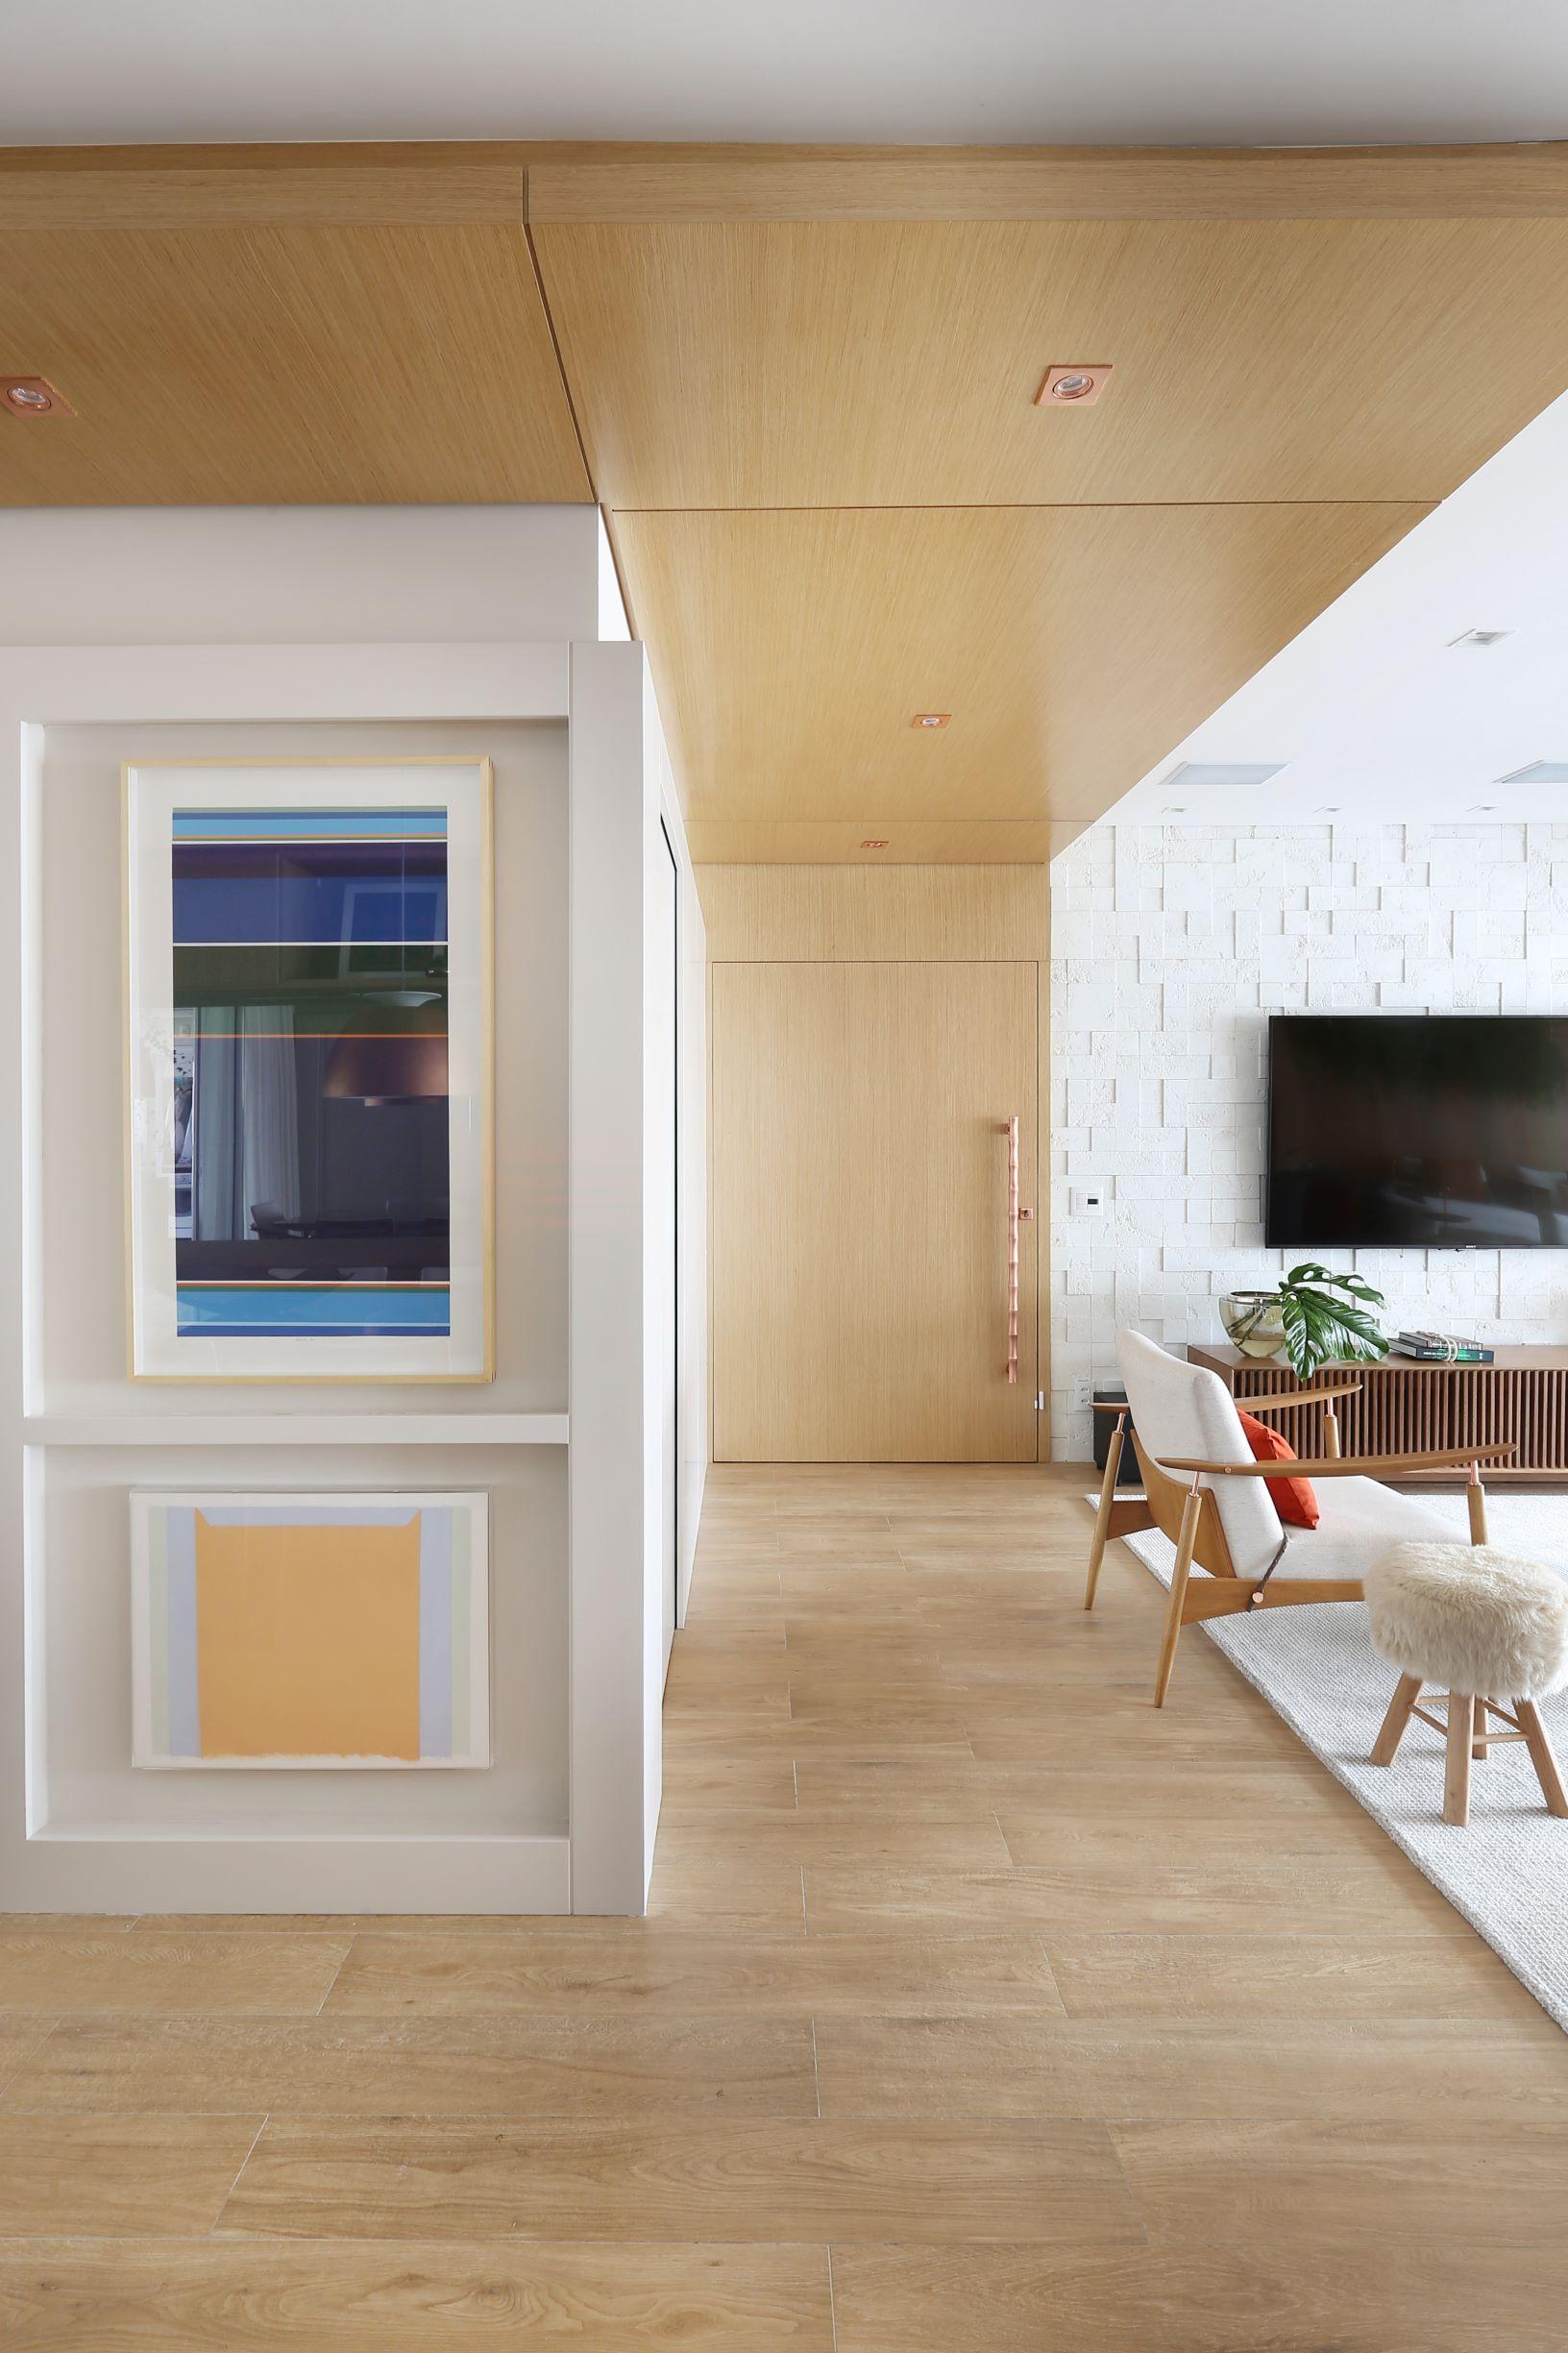 Porcelanato que imita madeira no piso em sala de estar. porcelanato que reproduz madeira.